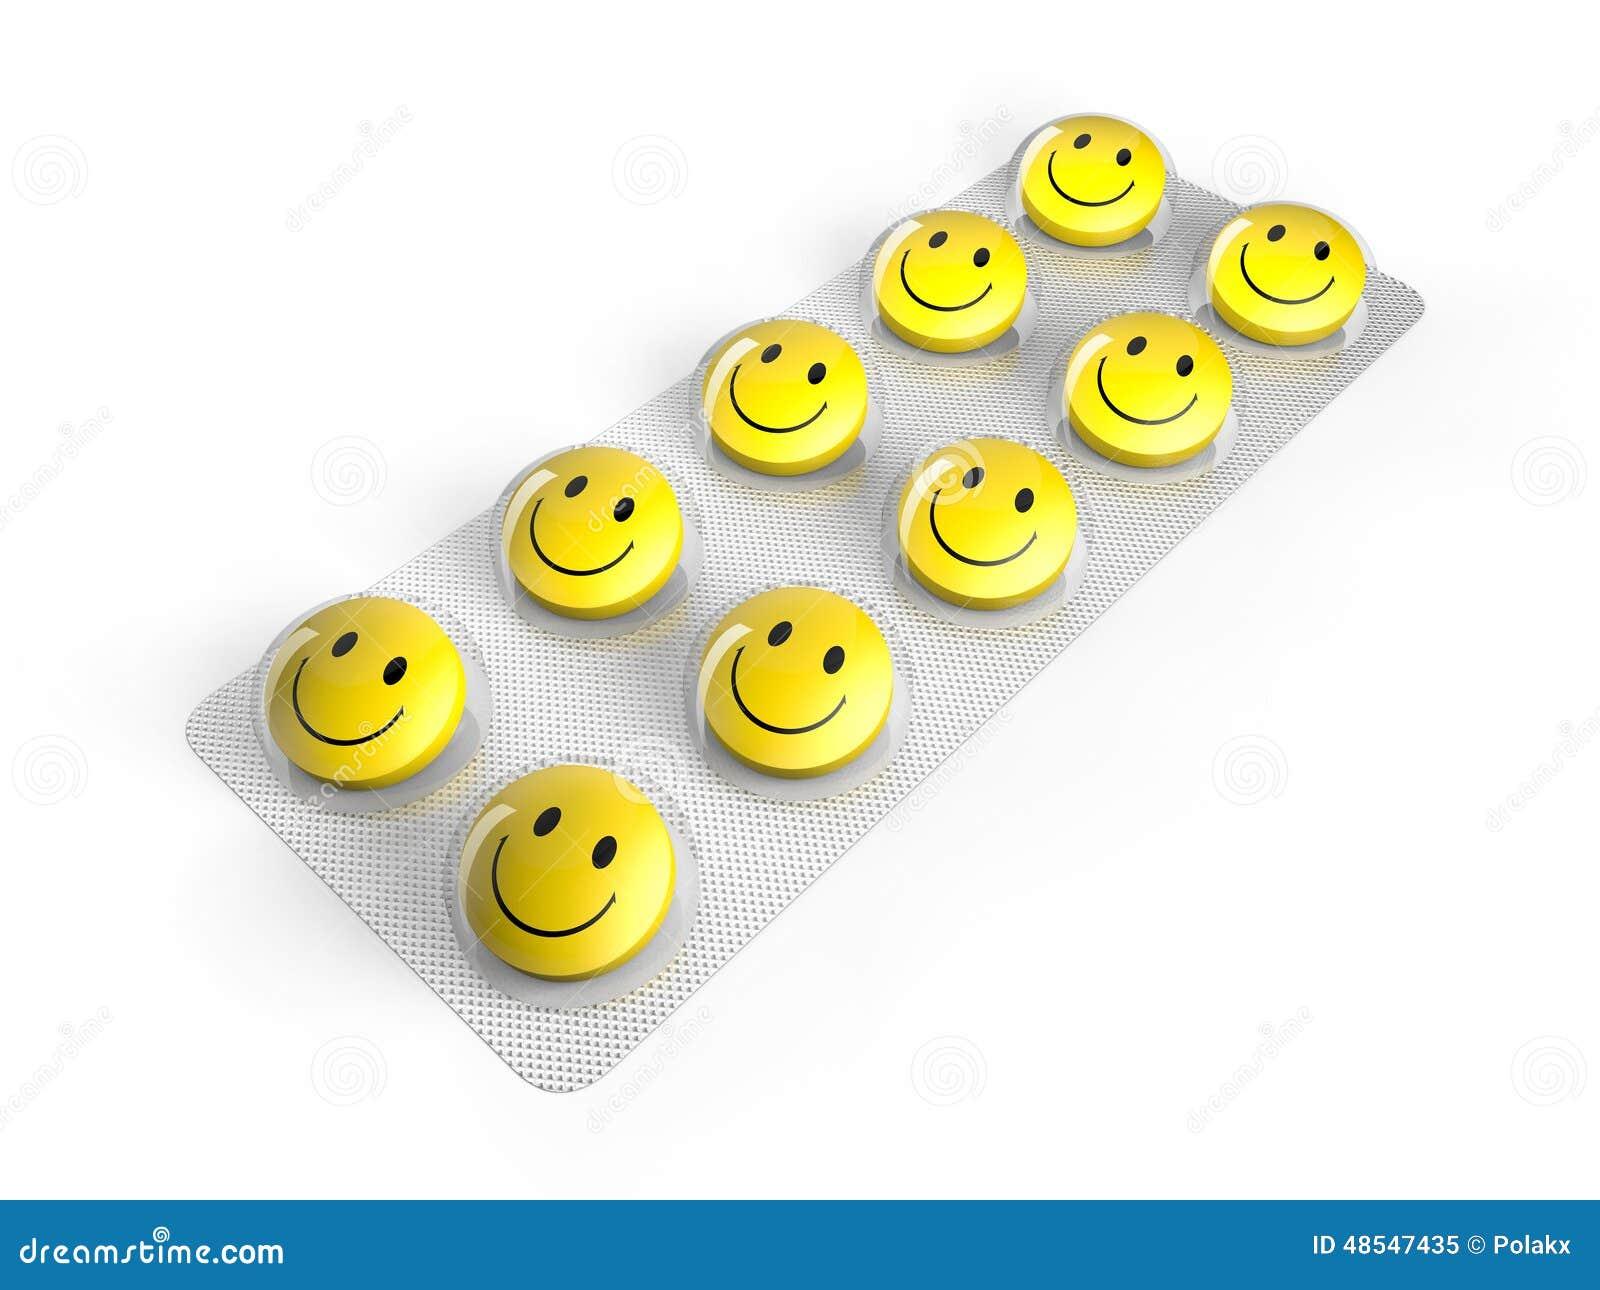 Chris Abbott, Del 2 - Sida 5 Smiley-face-pills-blister-white-background-48547435